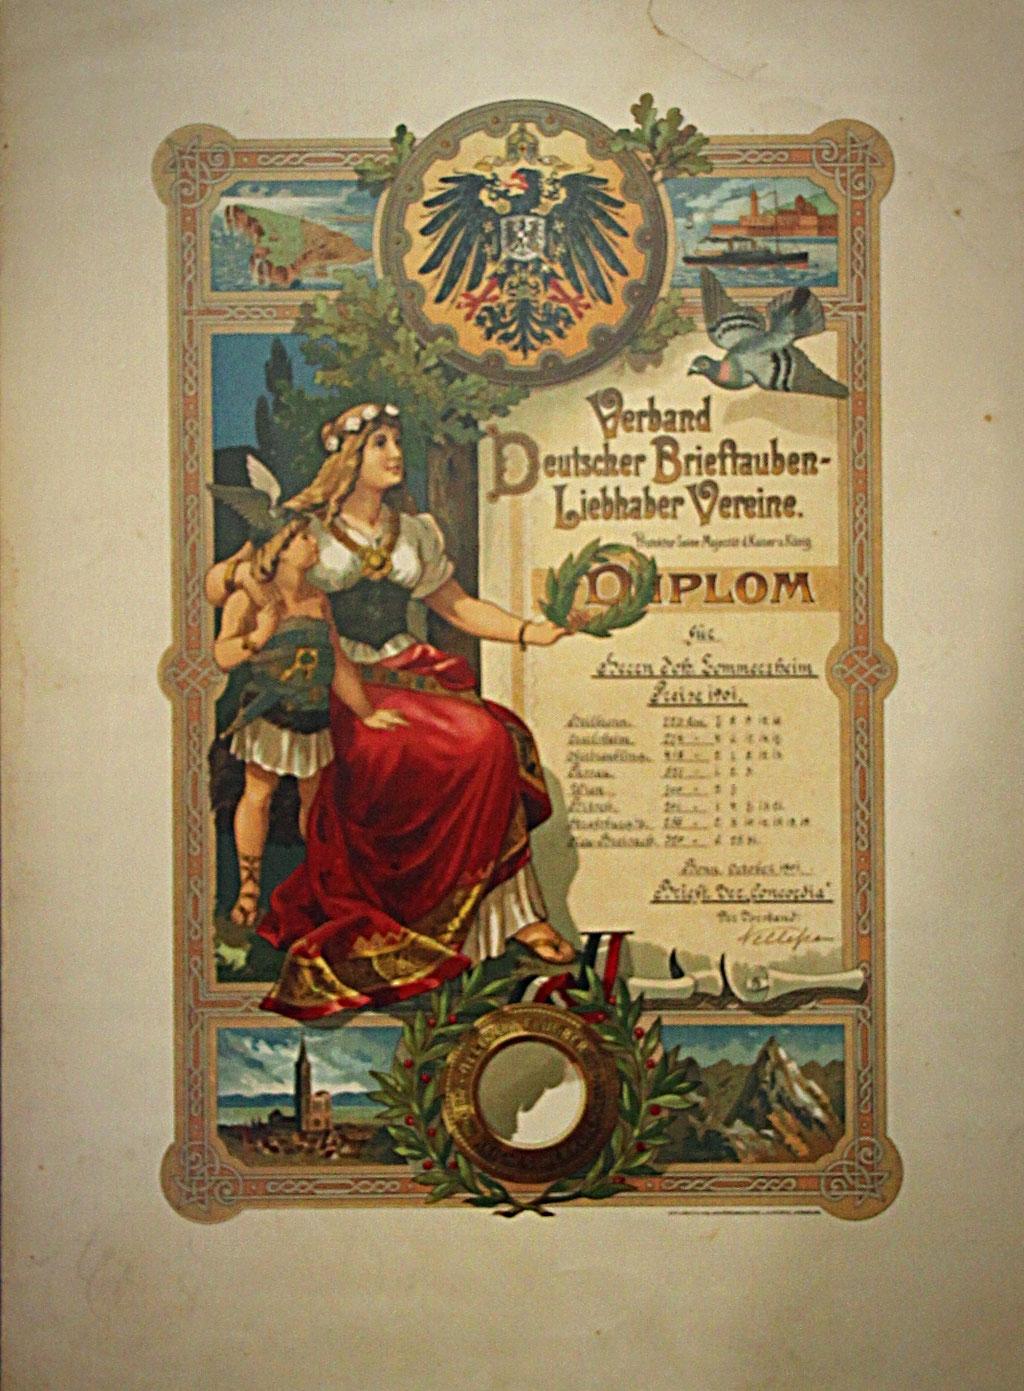 Diplom des Verbandes dt. Brieftauben-Liebhaber-Vereine aus dem Jahr 1901